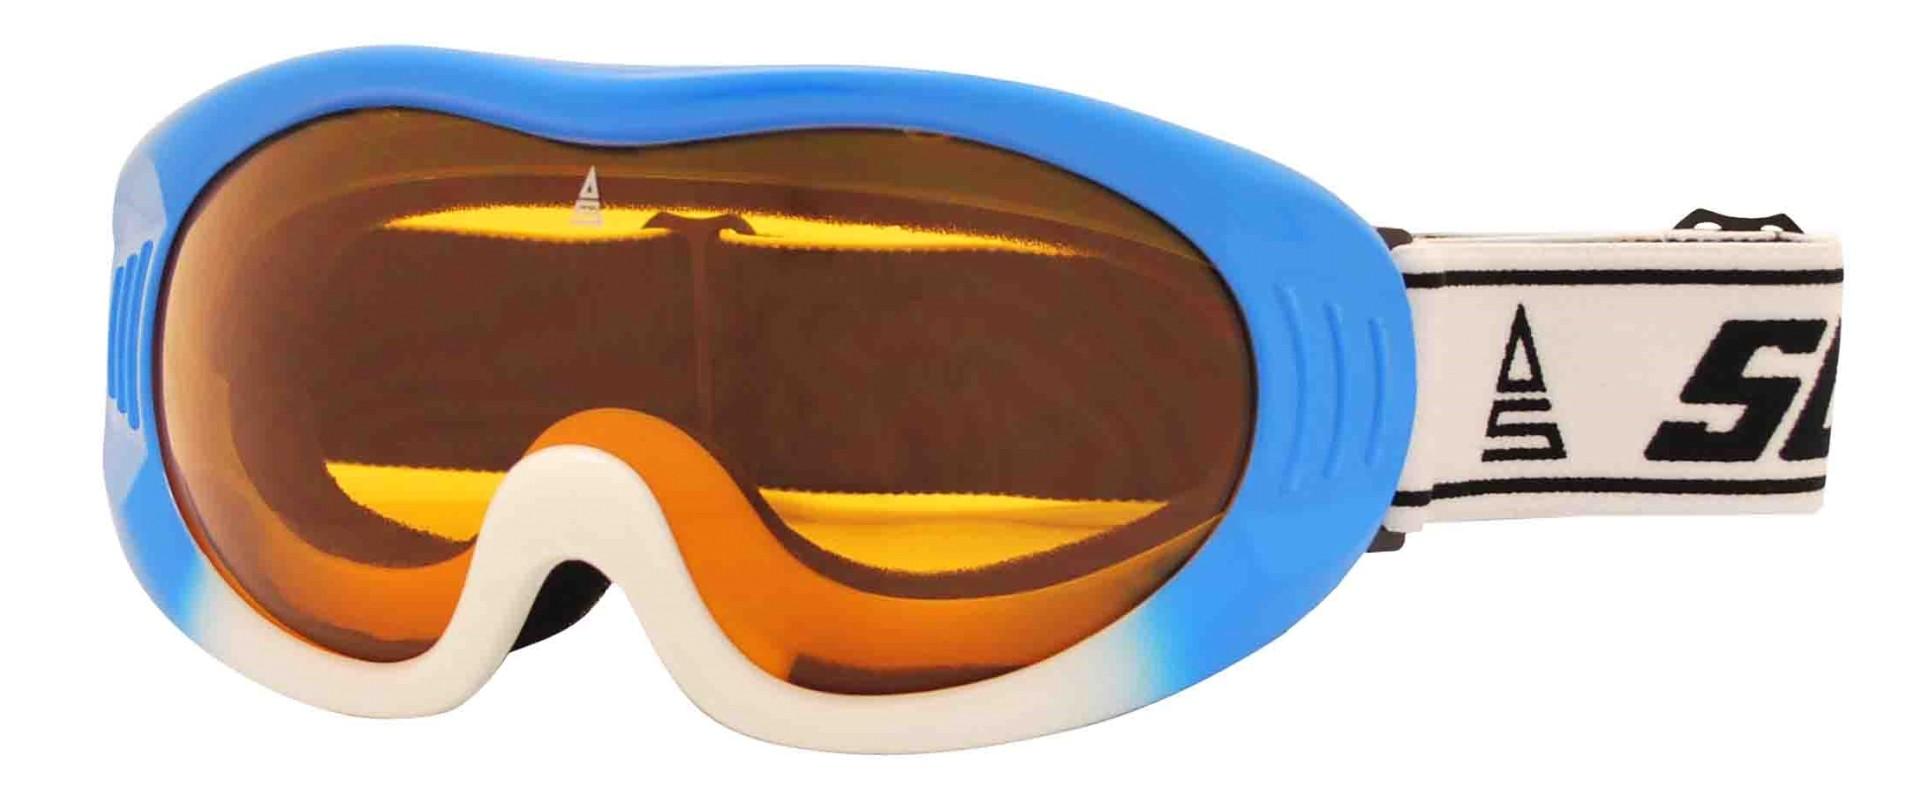 Lyžařské brýle Sulov Ripe modré